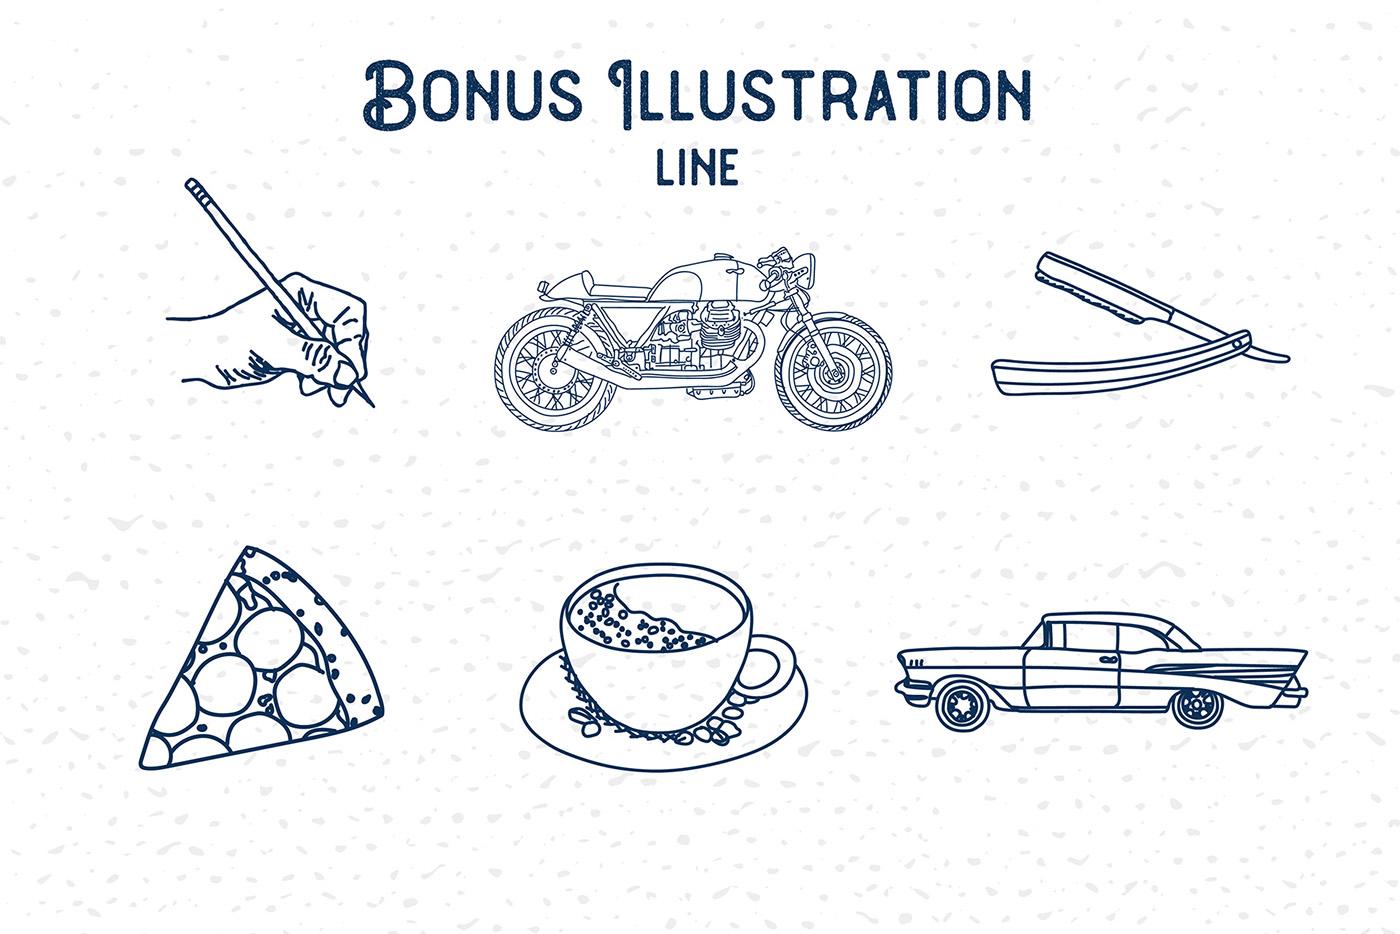 Free font free fonts font font download Script Font vintage design typography   Calligraphy   download